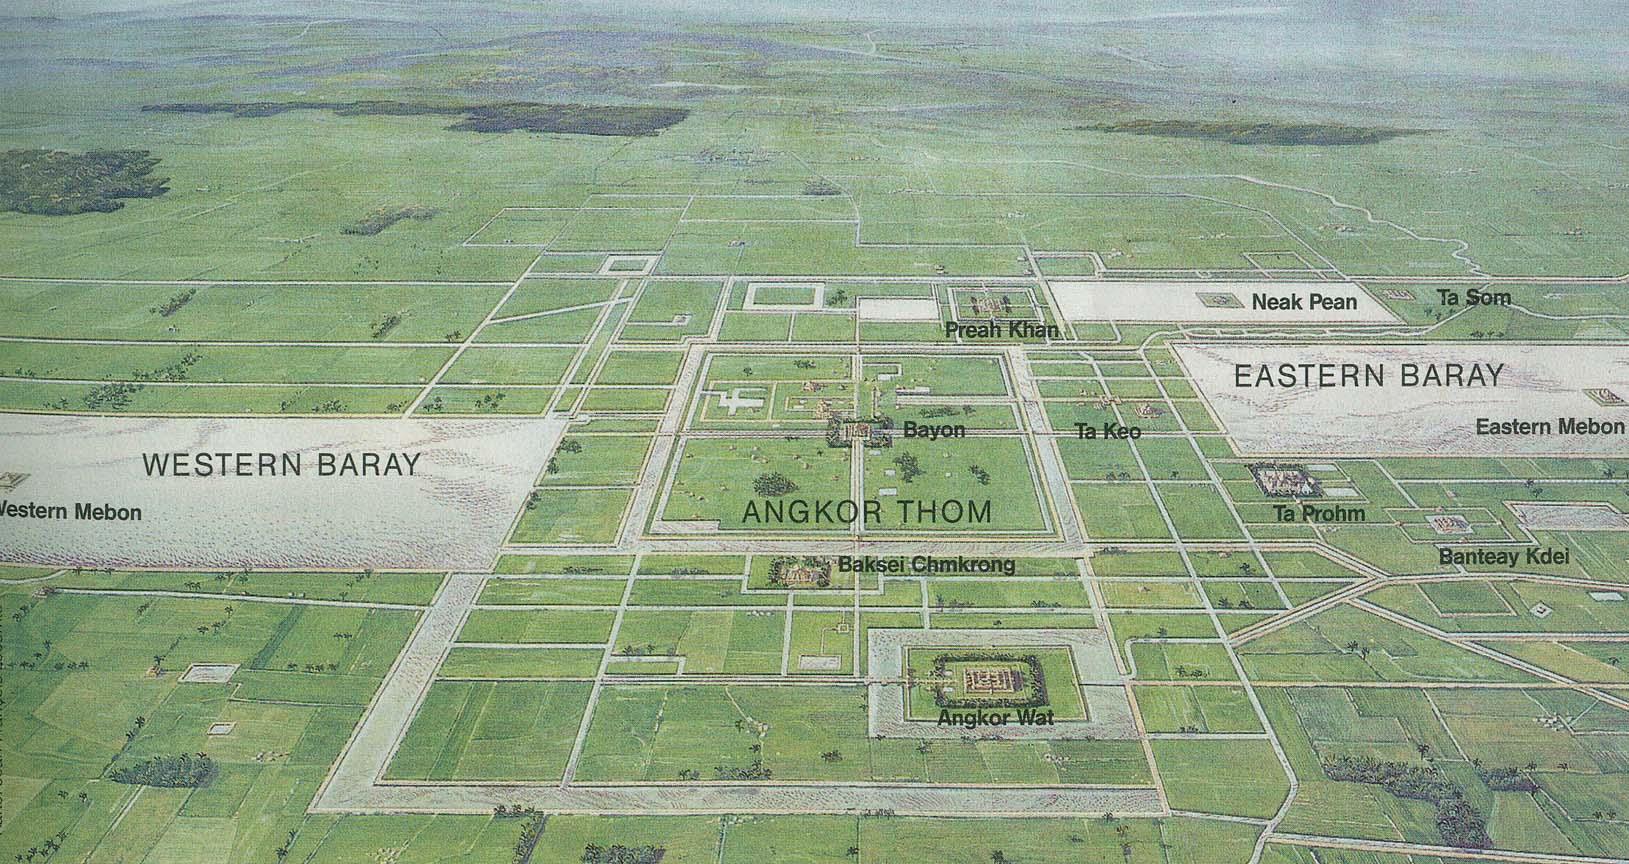 external image Siem-Reap-Angkor-Wat-Overview-Map.jpg